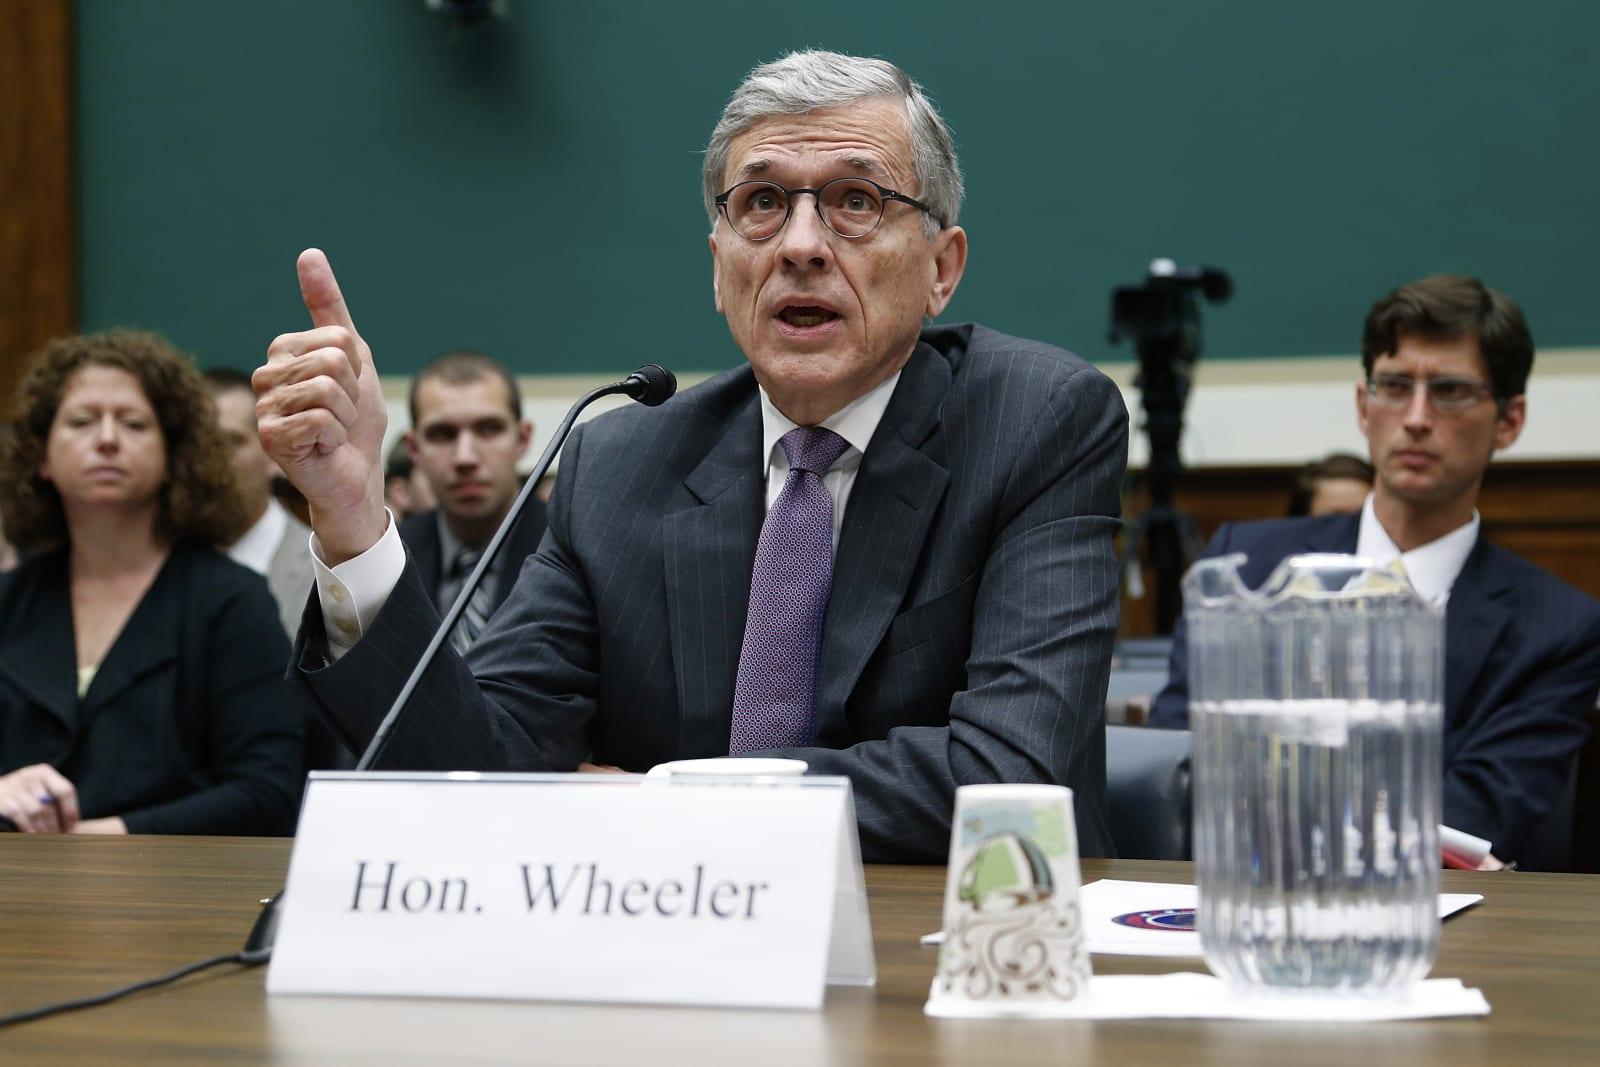 USA-FCC/WHEELER